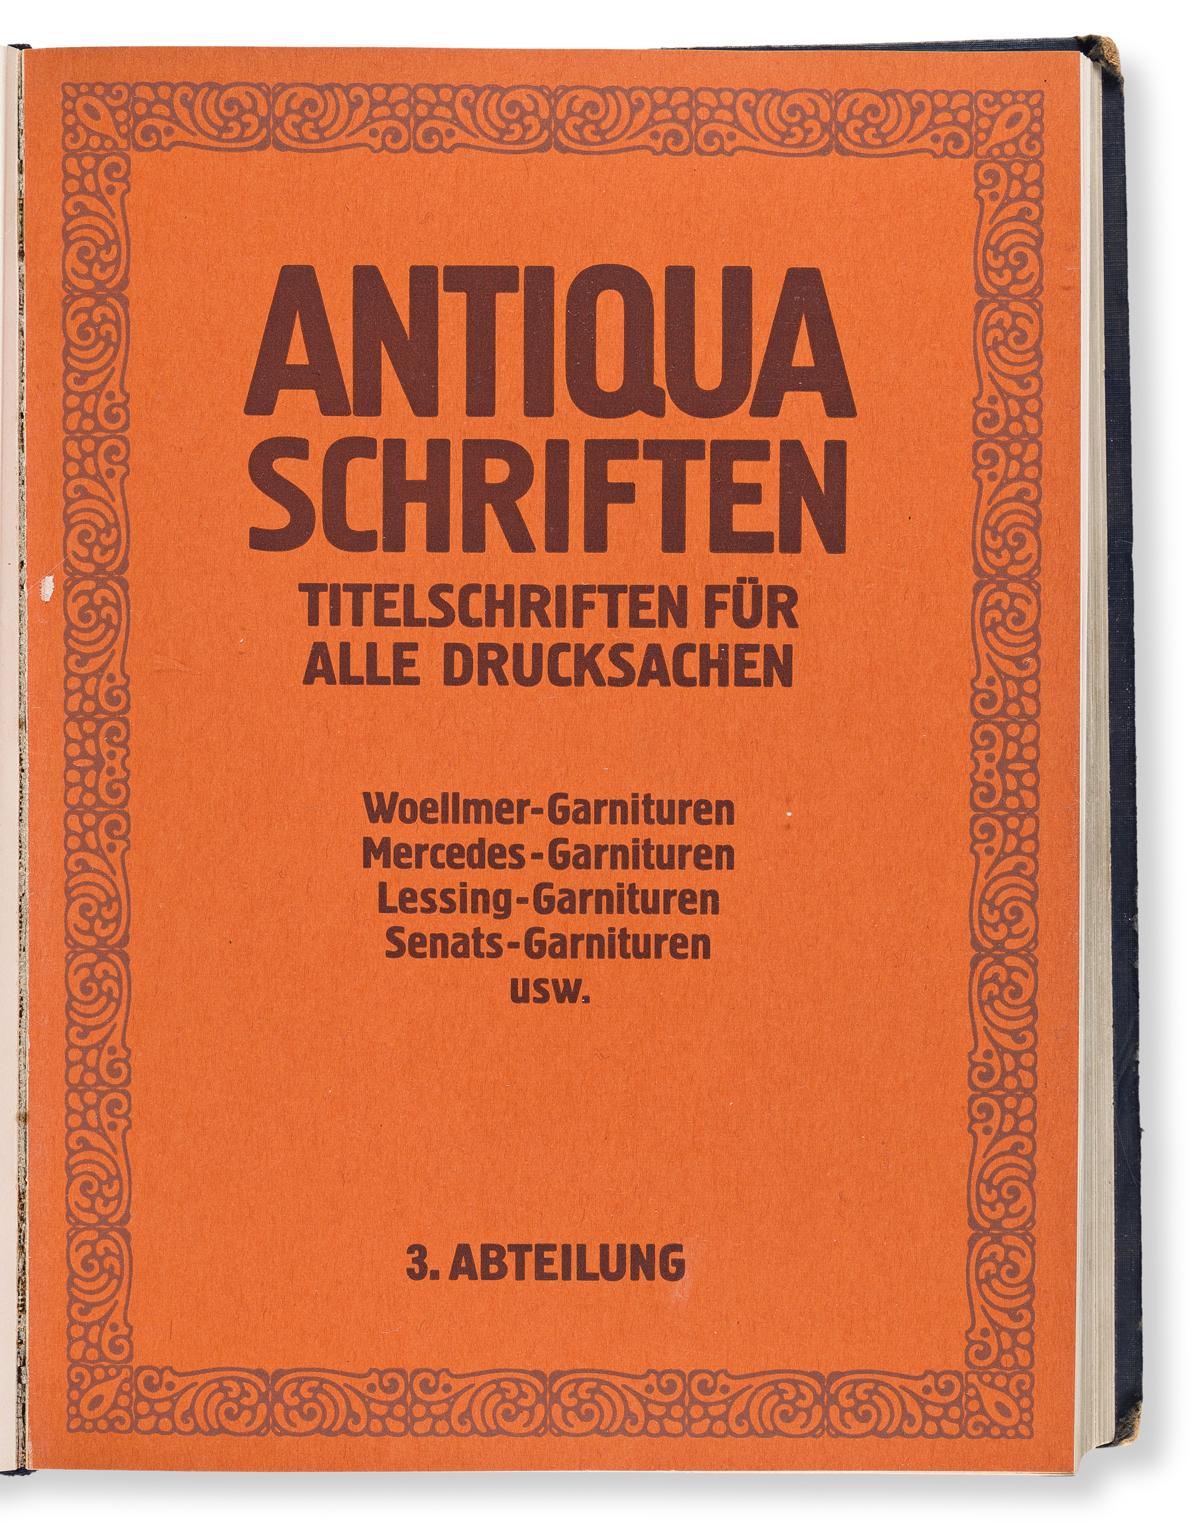 [SPECIMEN BOOK — WILHELM WOELLMER'S SCHRIFTGIESSEREI]. Wilhelm Woellmer's Schriftgiesserei Berlin SW Hauptprobe der Schrifgiesserei und